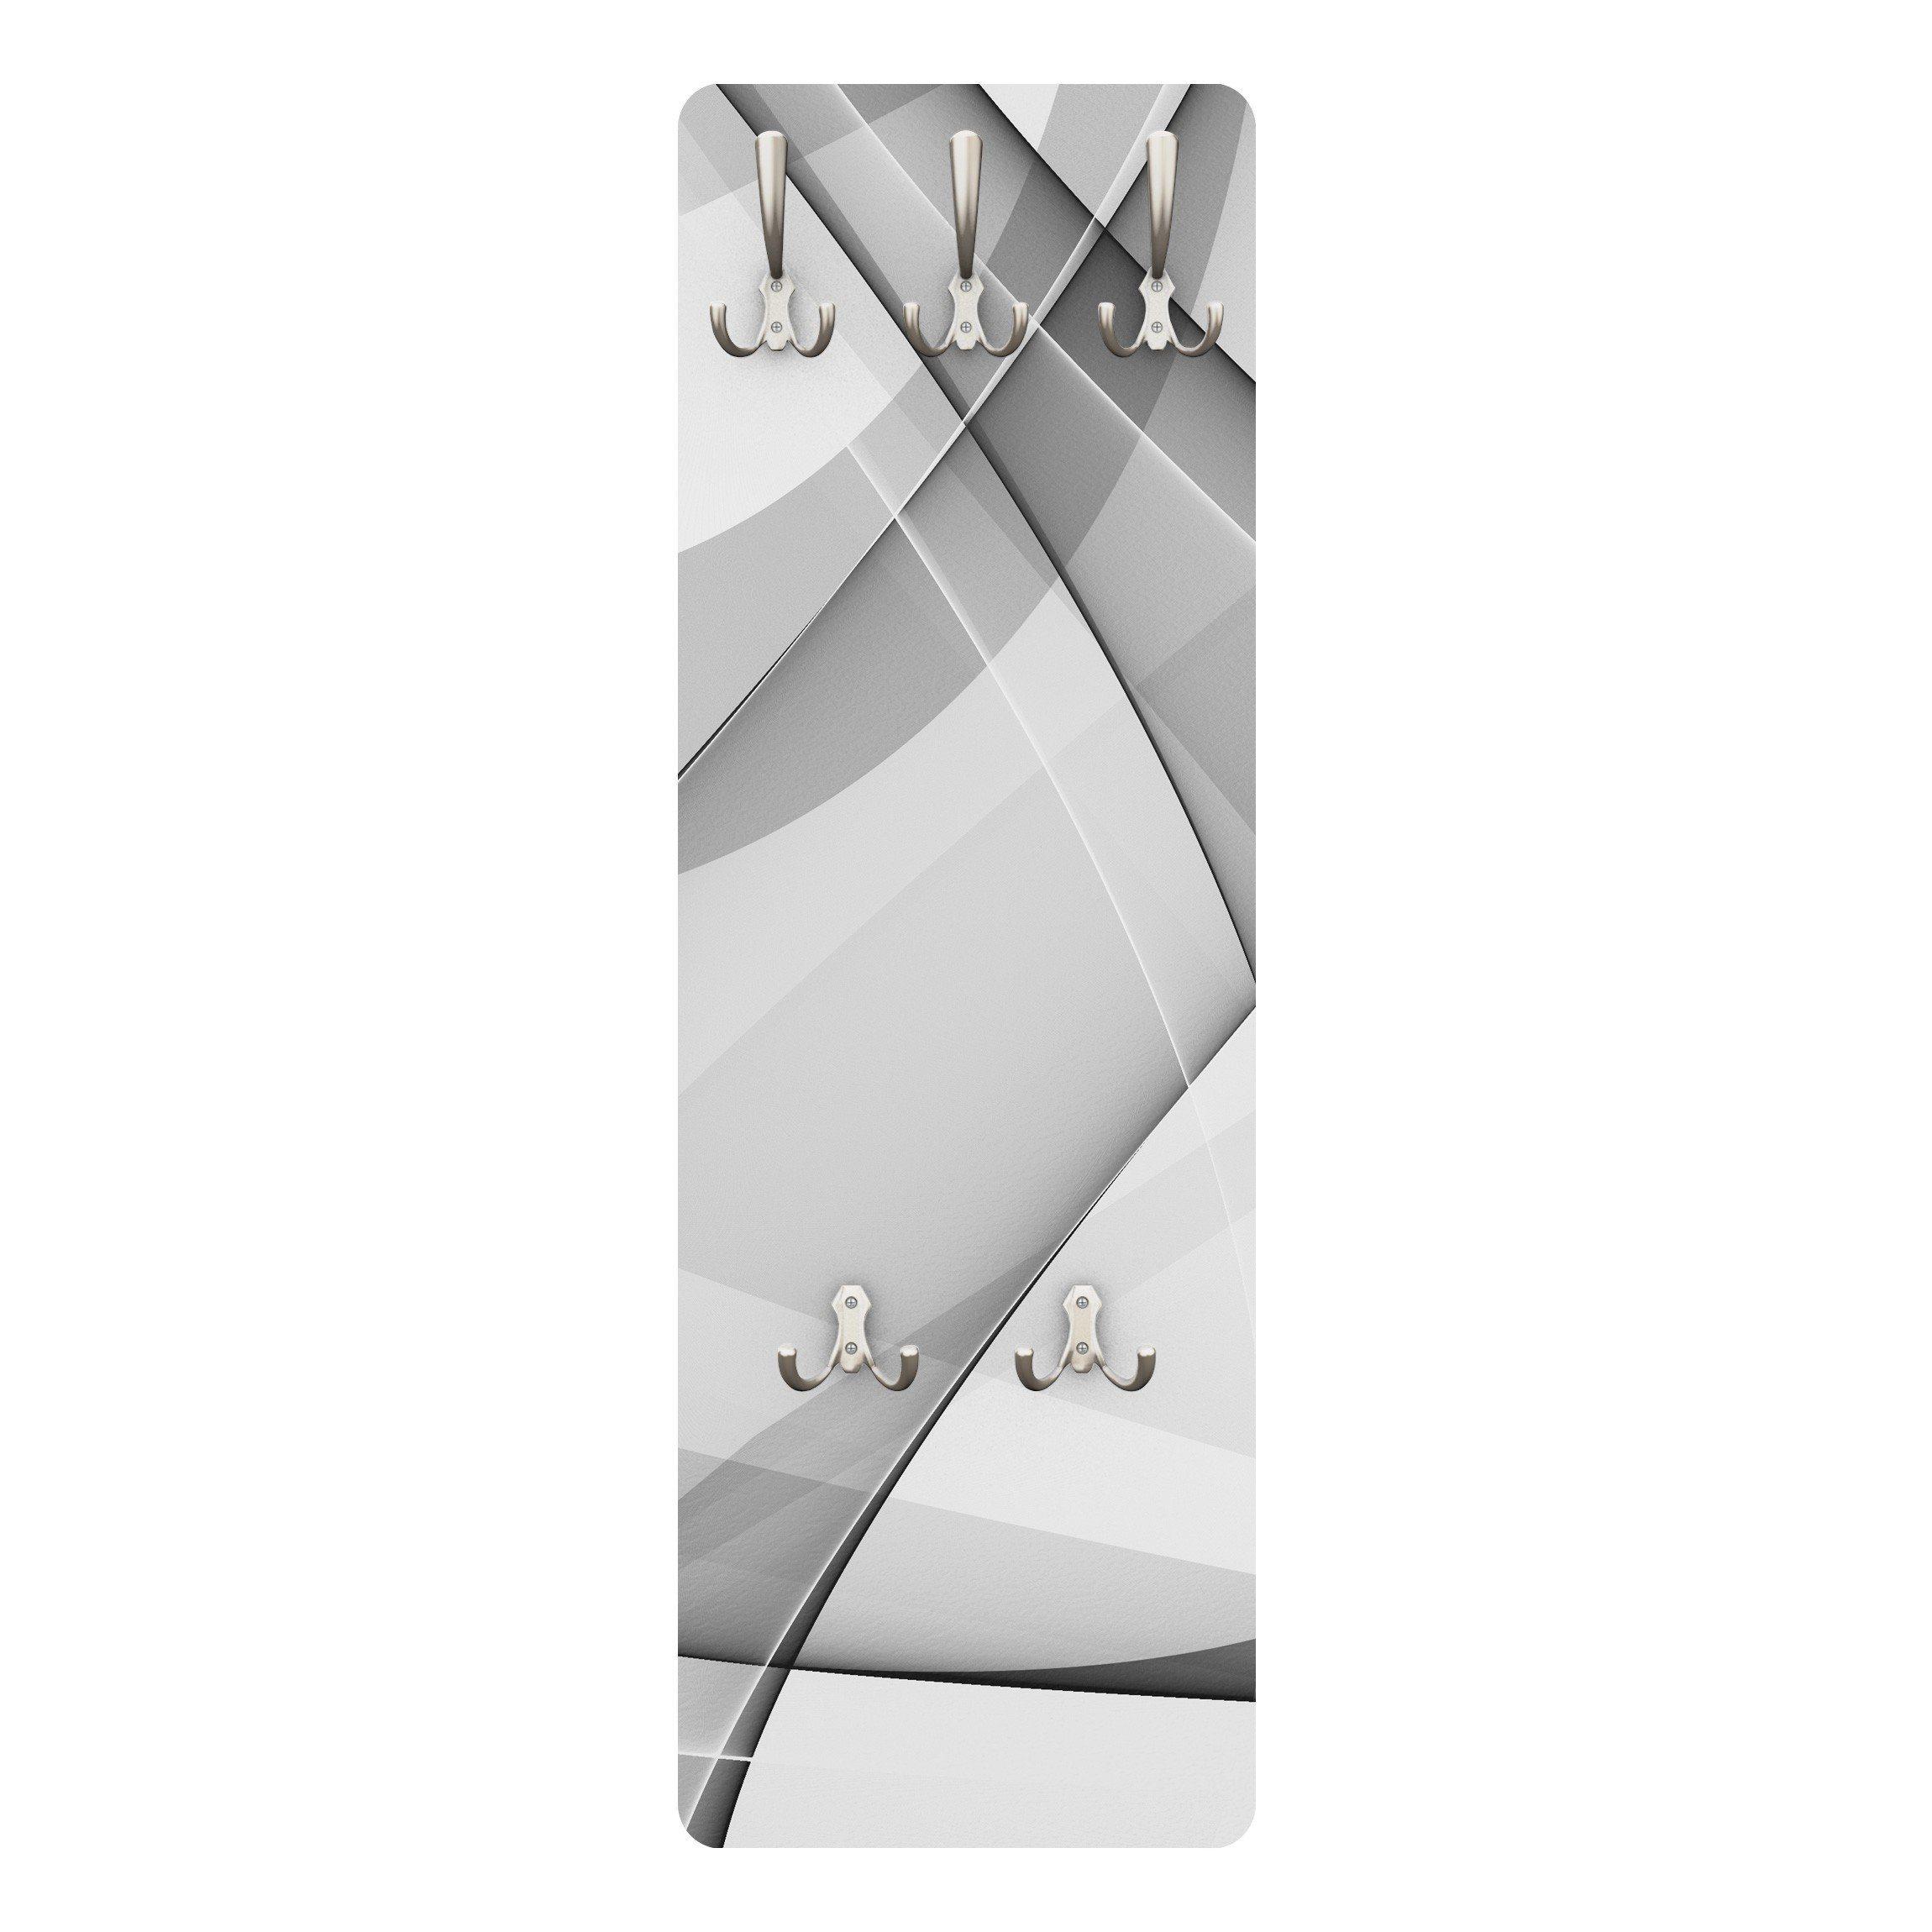 Bilderwelten Wandgarderobe Abstrakt 139x46x2cm »Changes« | Flur & Diele > Garderoben > Garderobenhaken | Weiß - Matt | Holz - Faserplatte - Metall | Bilderwelten